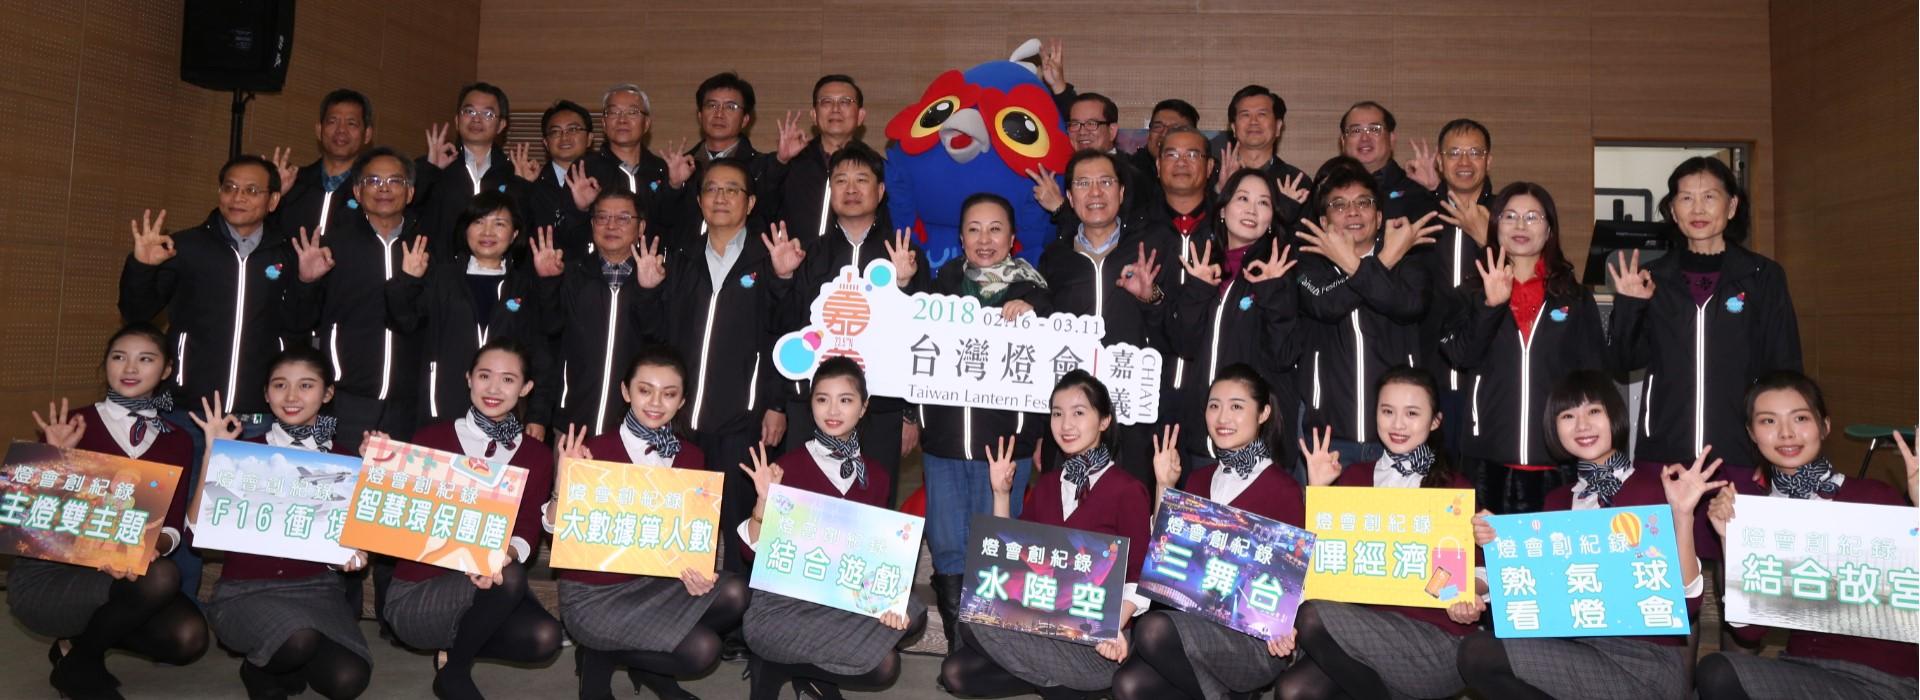 2018台灣燈會在嘉義,締造10項創舉